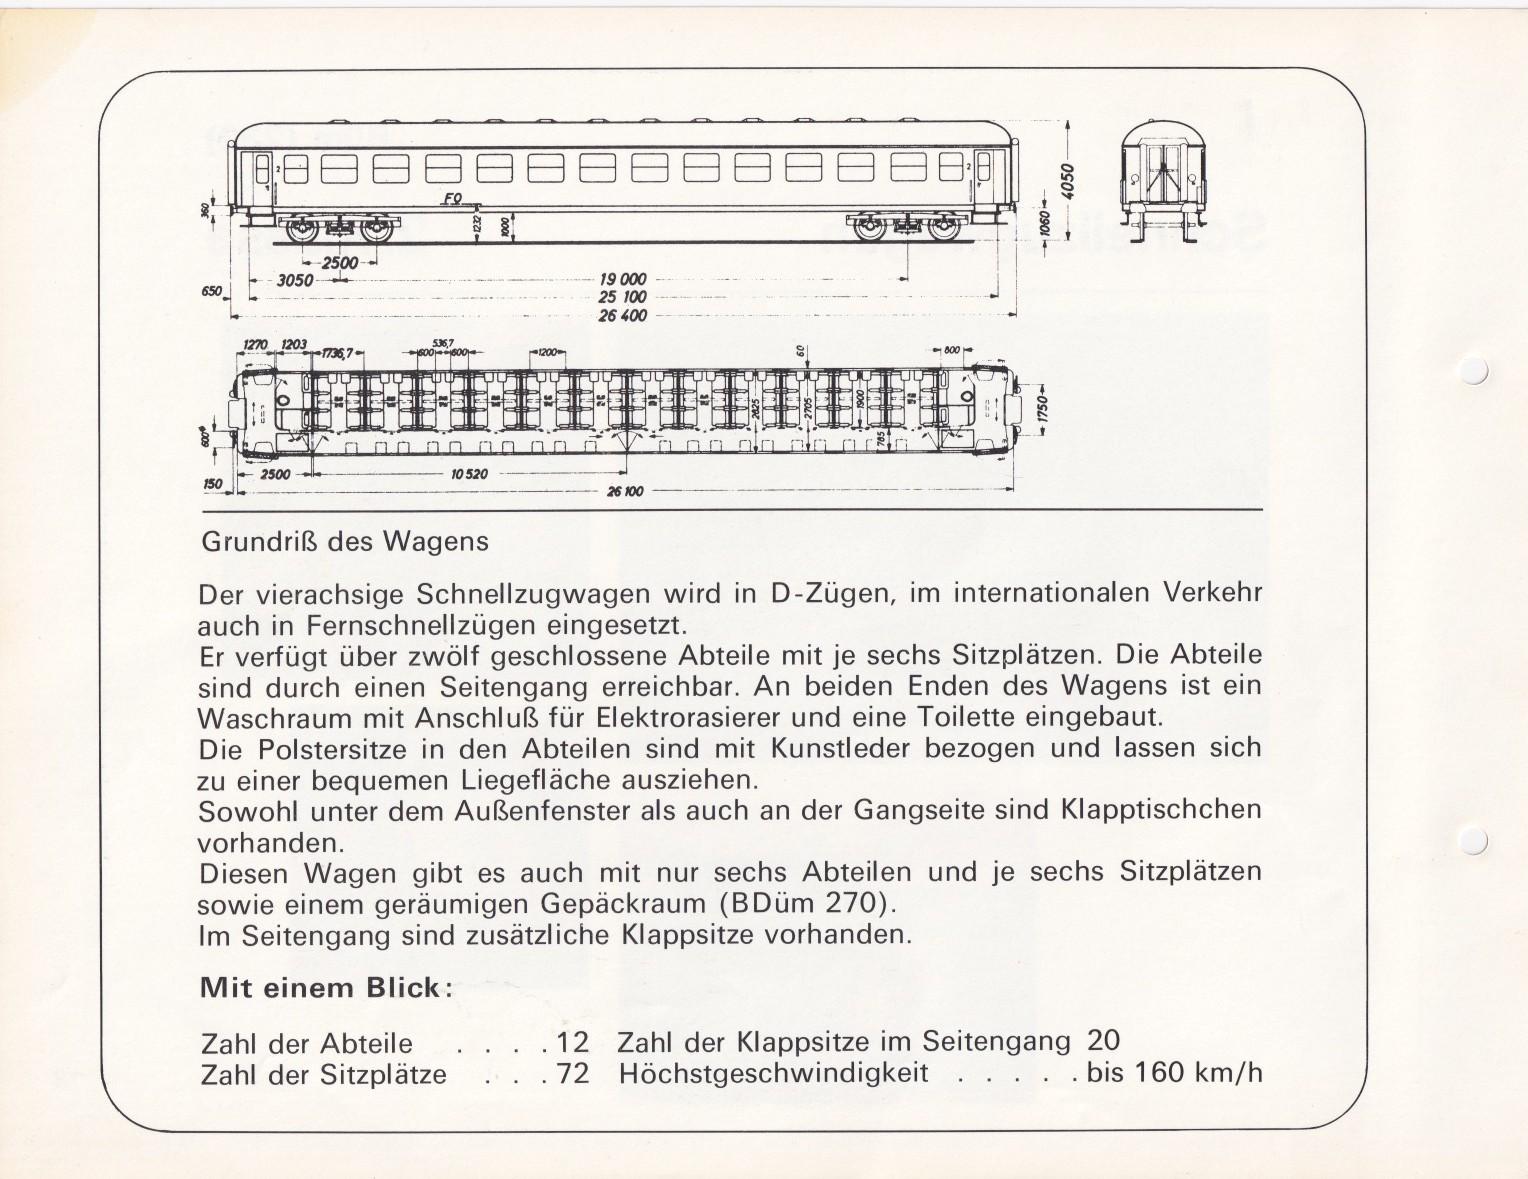 https://www.nullclub.de/hifo/Fahrzeuglexikon/Wagen12b.jpg